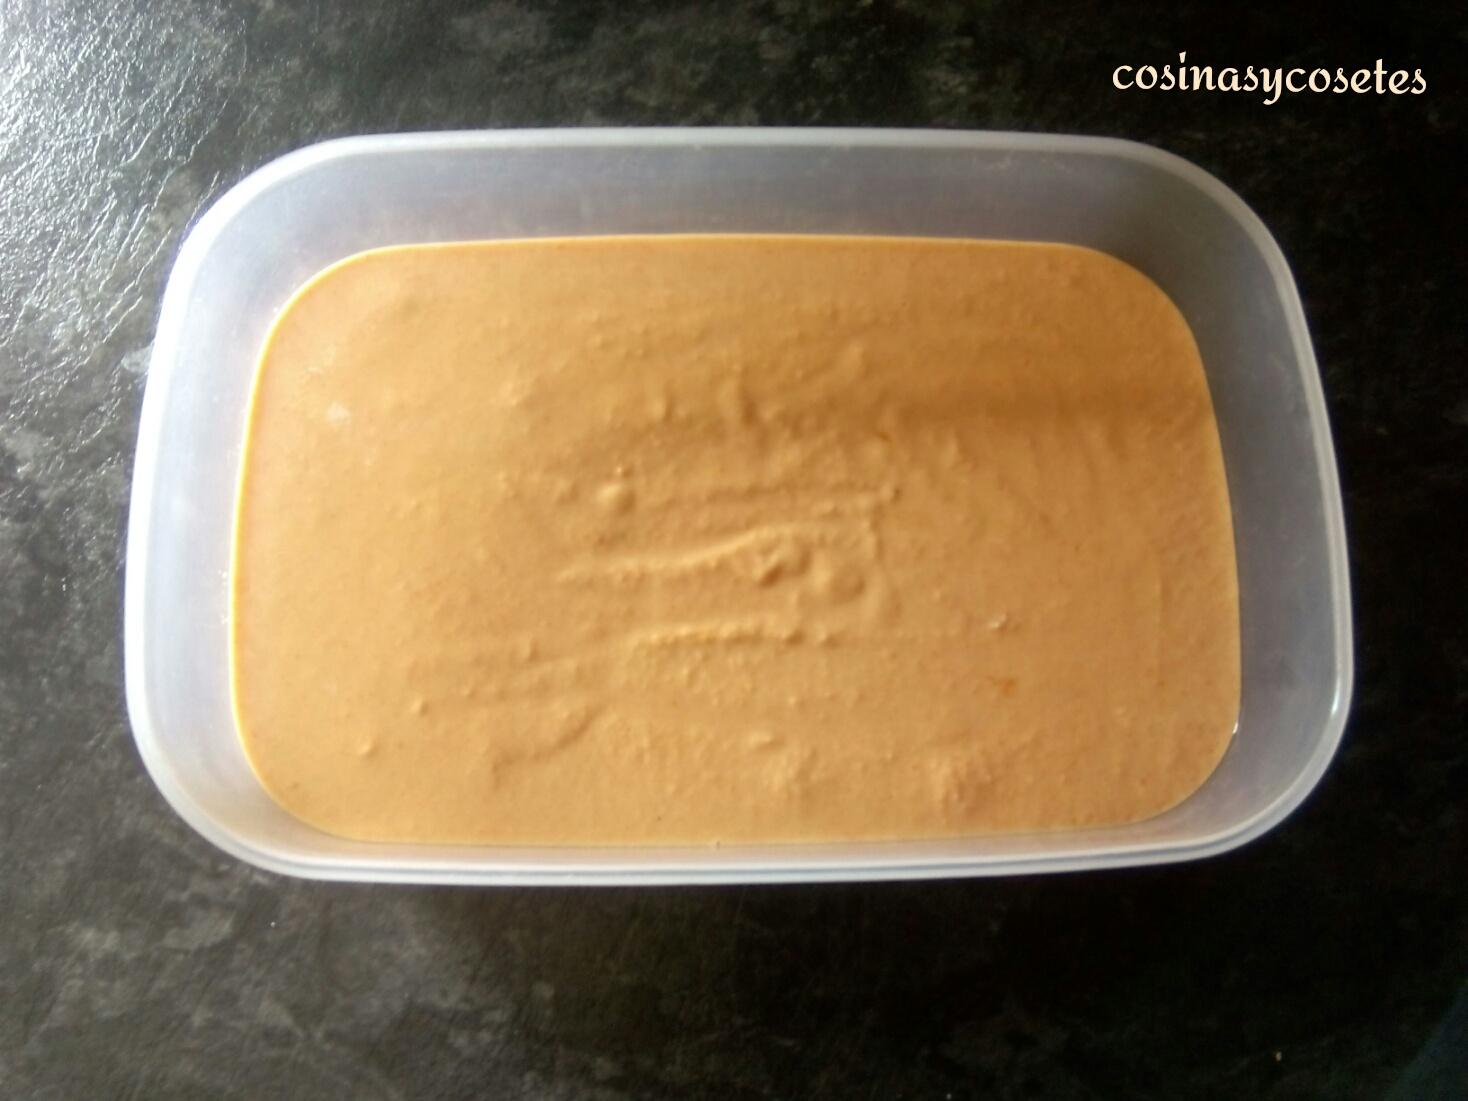 Cosinas y cosetes receta de pastel de at n versi n isasaweis - Bizcocho microondas isasaweis ...